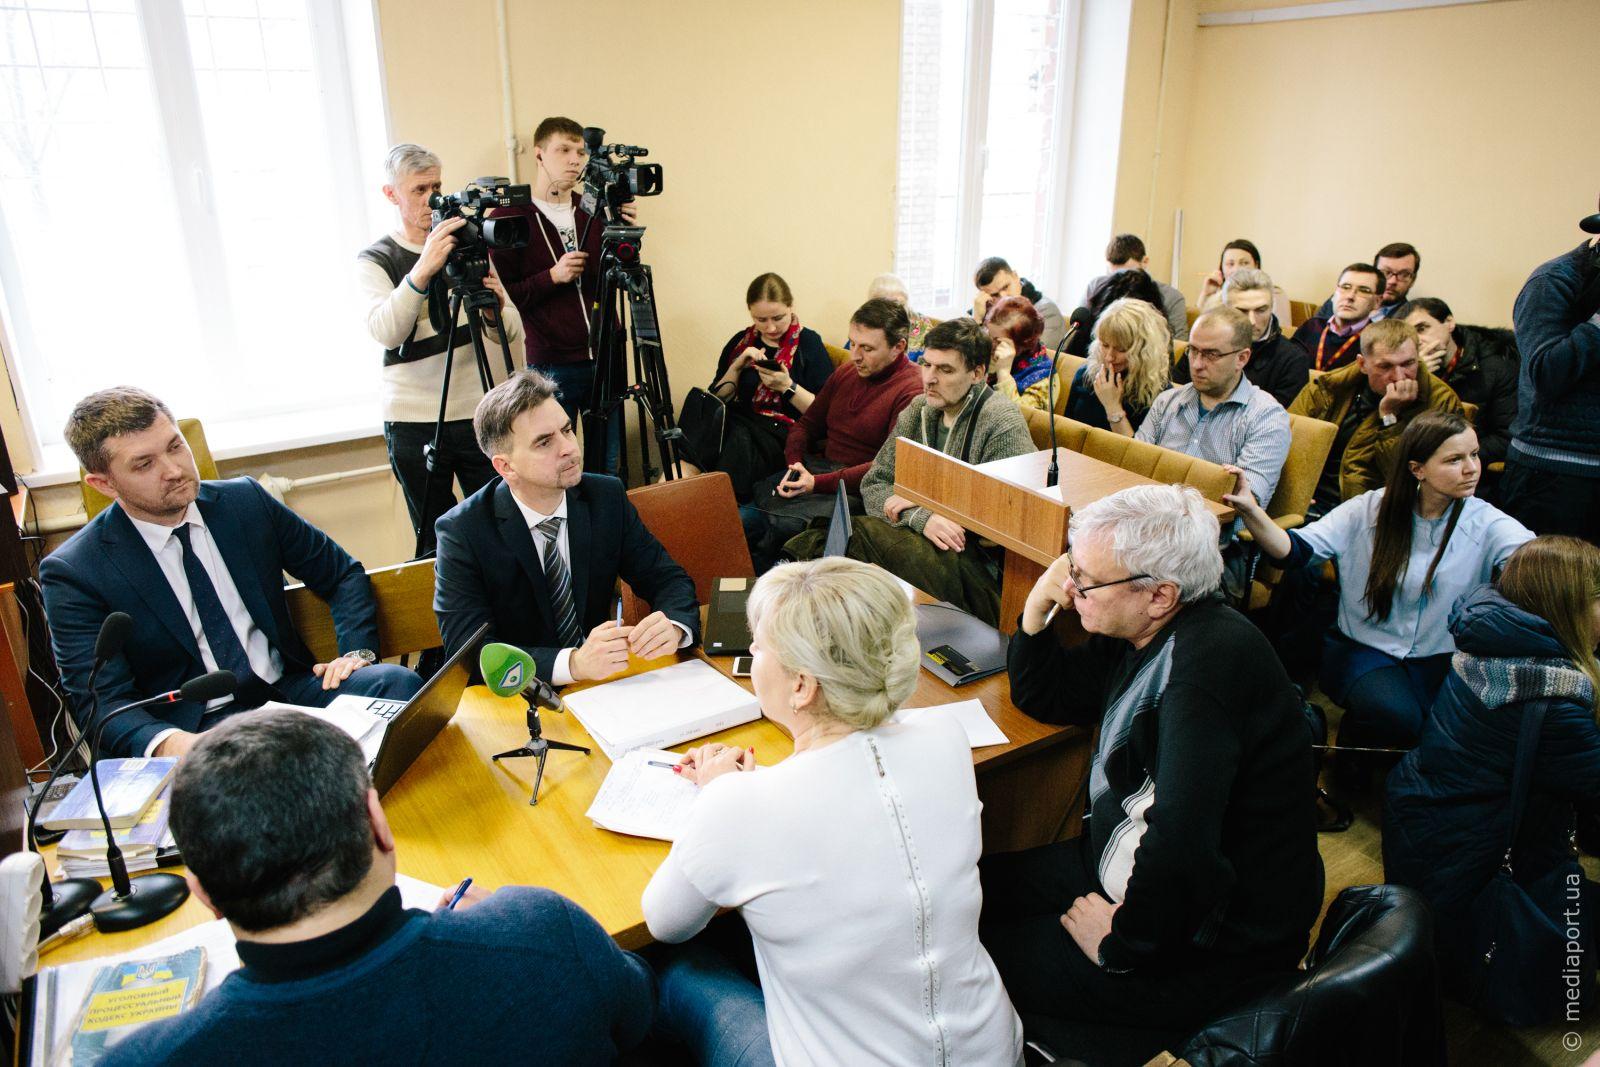 Засідання у справі про теракт біля Палацу спорту 20 лютого 2019 року. Фото Павла Пахоменка